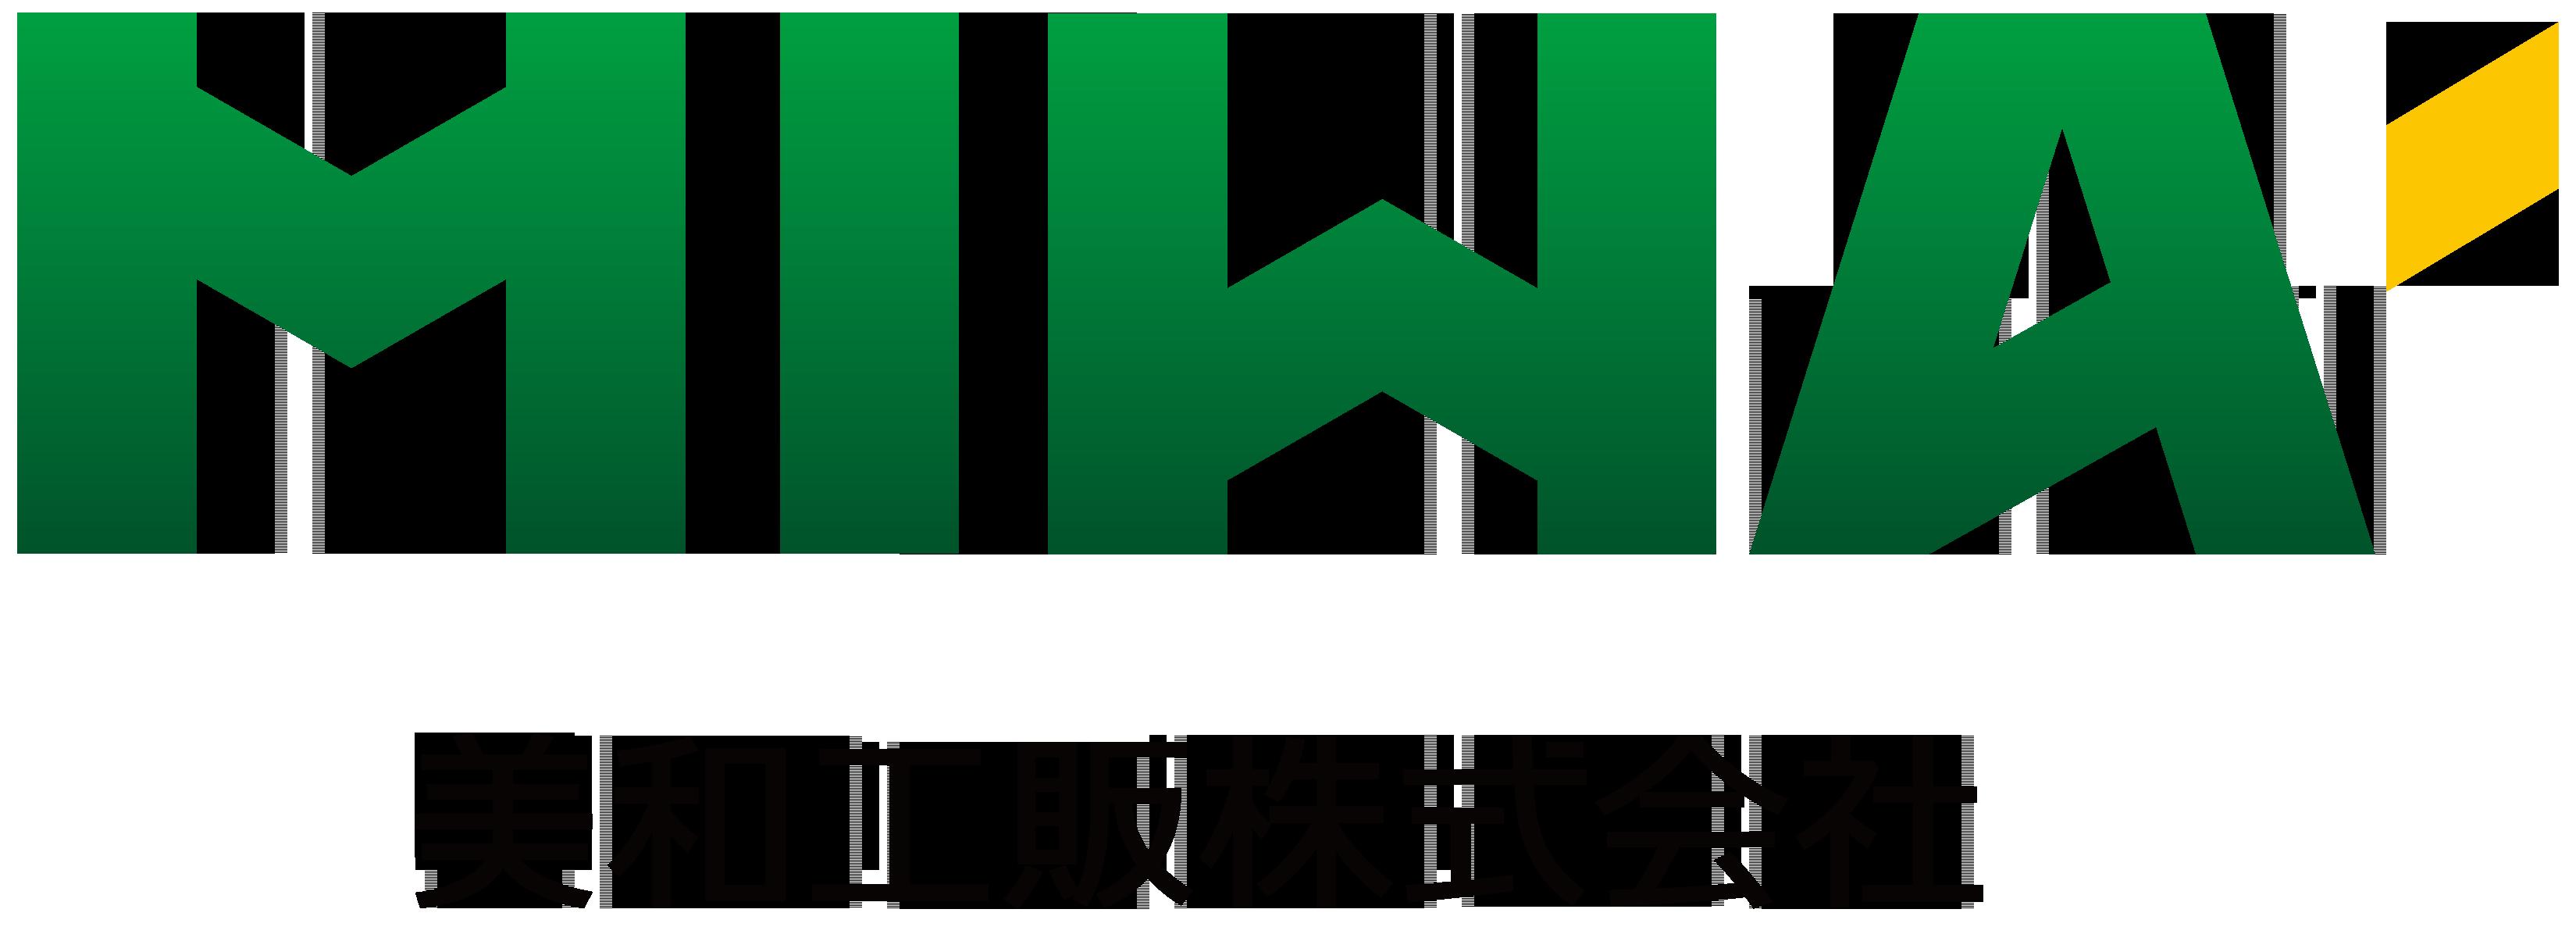 自動車関連(販売/修理・整備)とロゴタイプ(文字のみのデザイン)と緑のロゴ